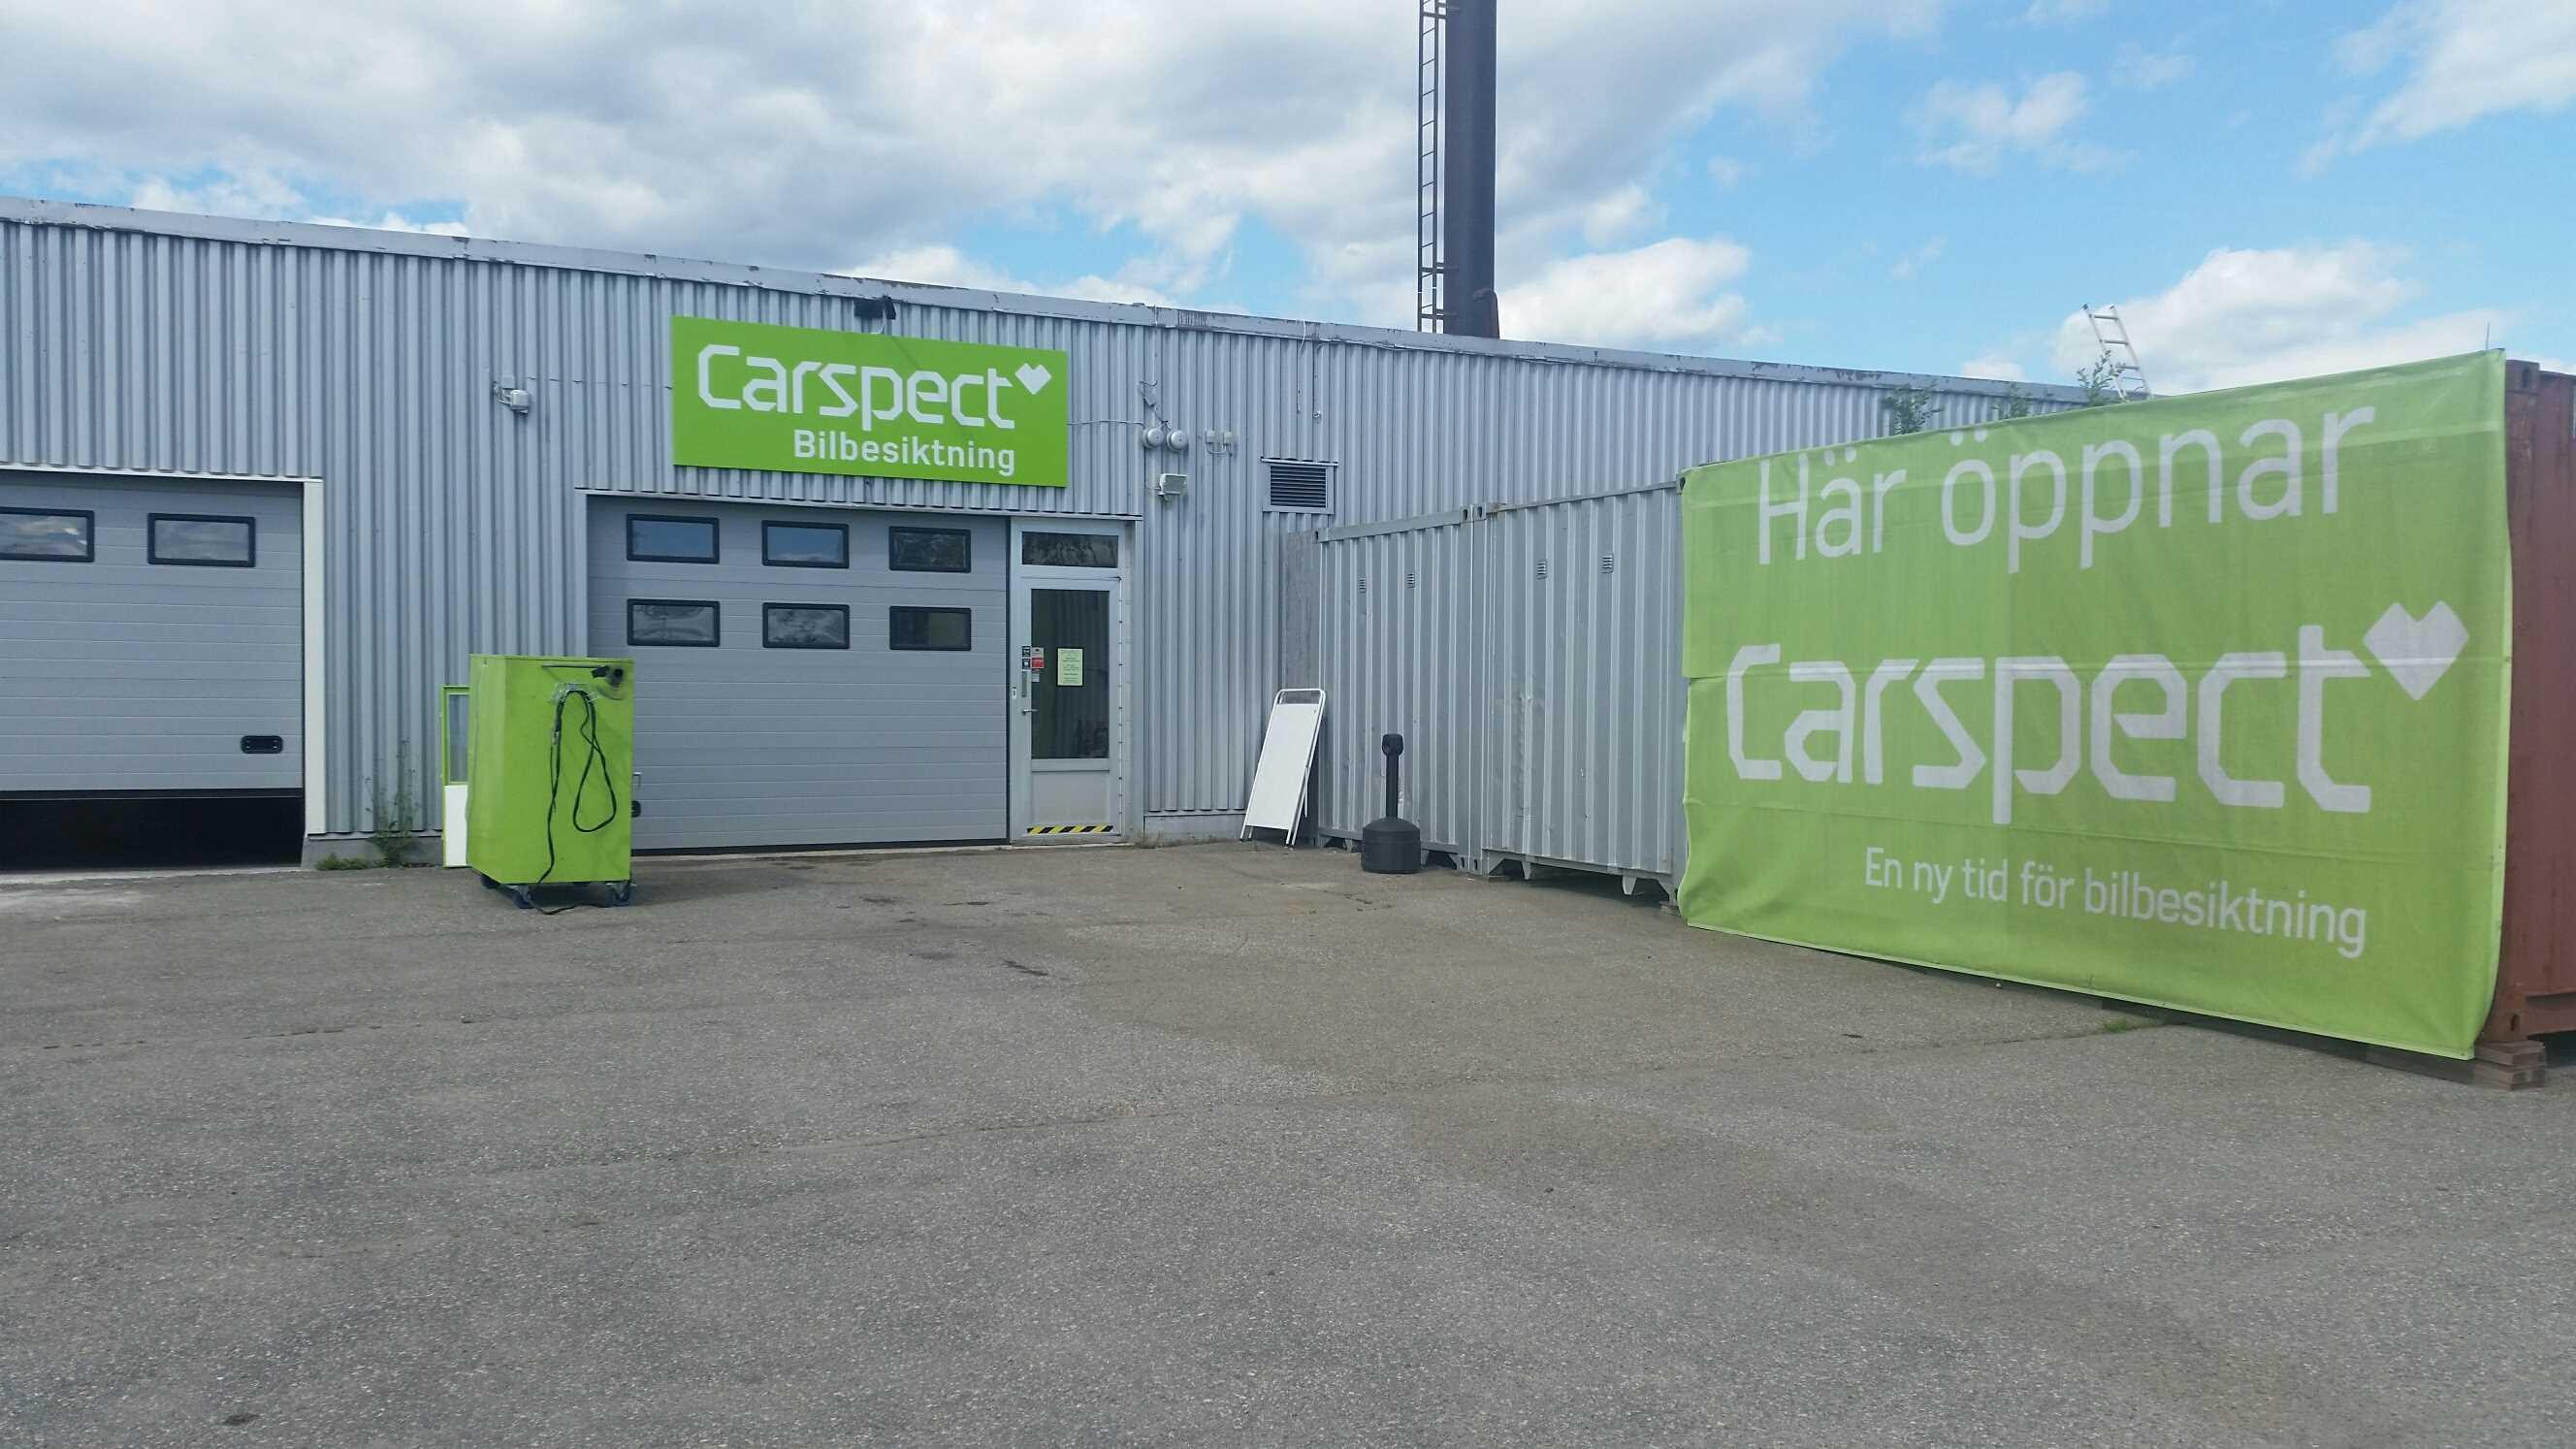 Carspects besiktningsstation i Hallstahammar